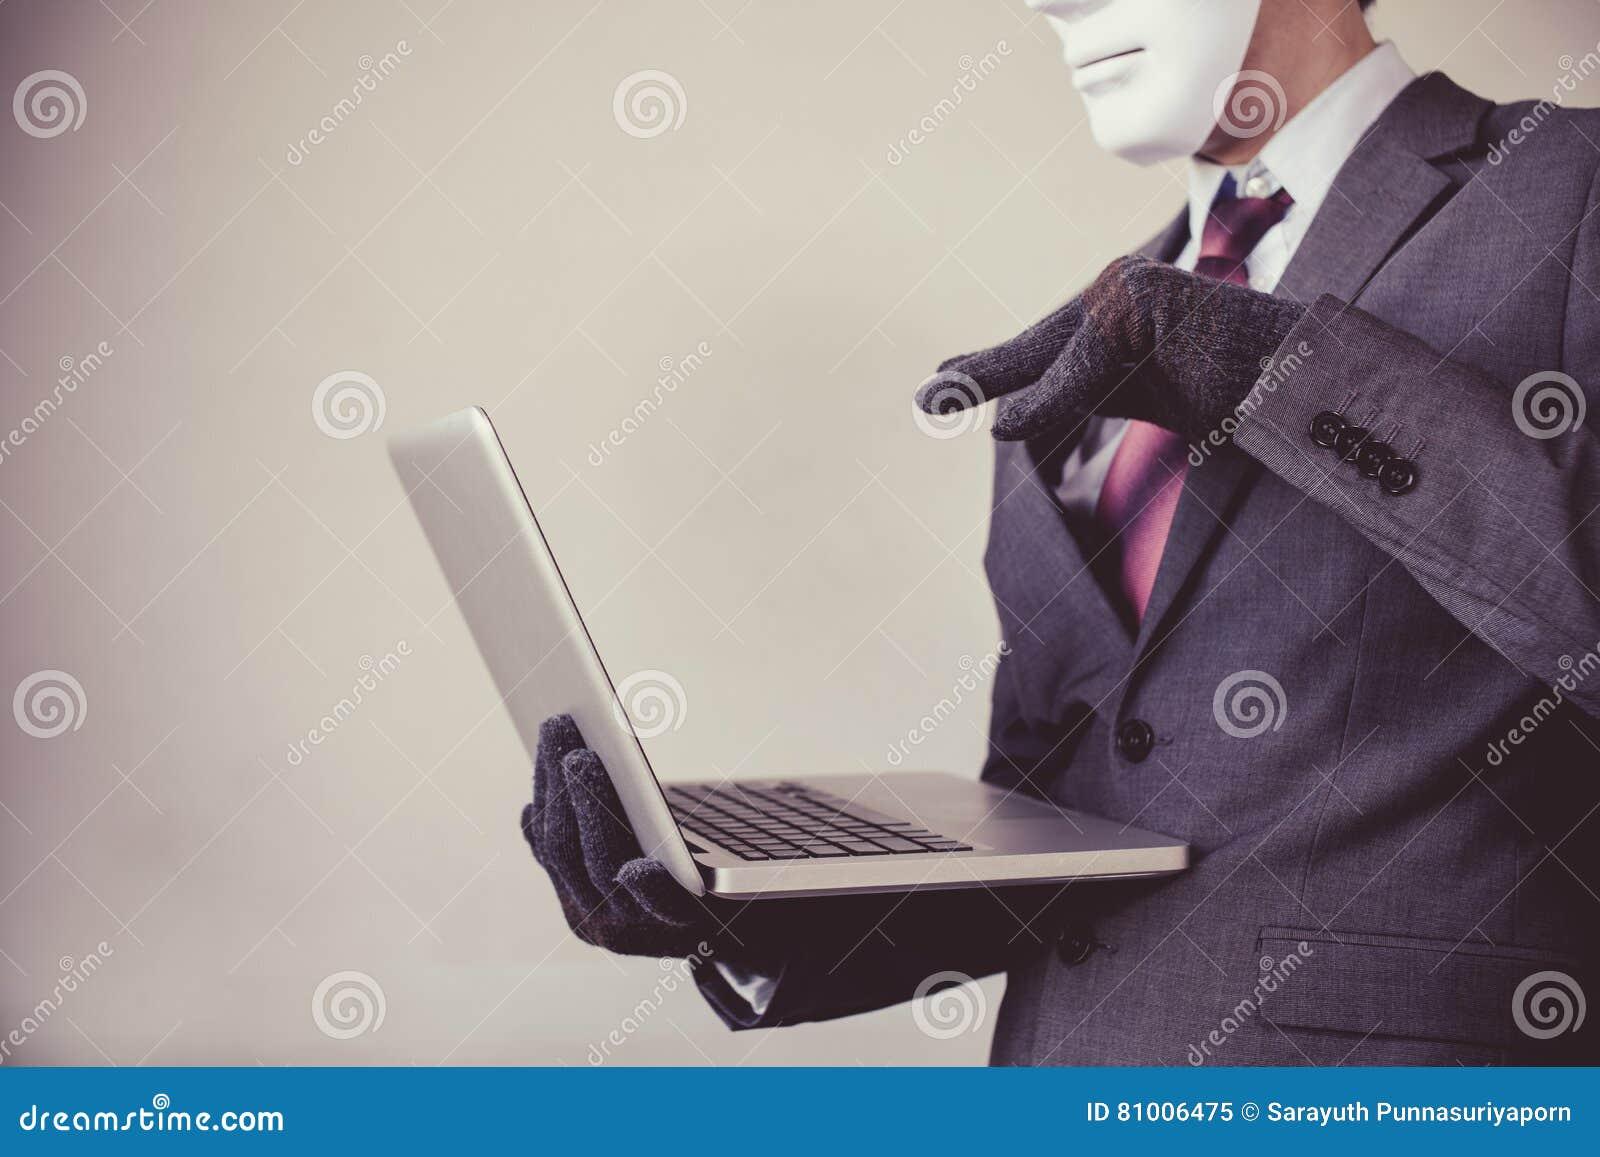 Bedrijfsmens in wit masker die handschoenen dragen en computer met behulp van - fraude, hakker, diefstal, cyber misdaad